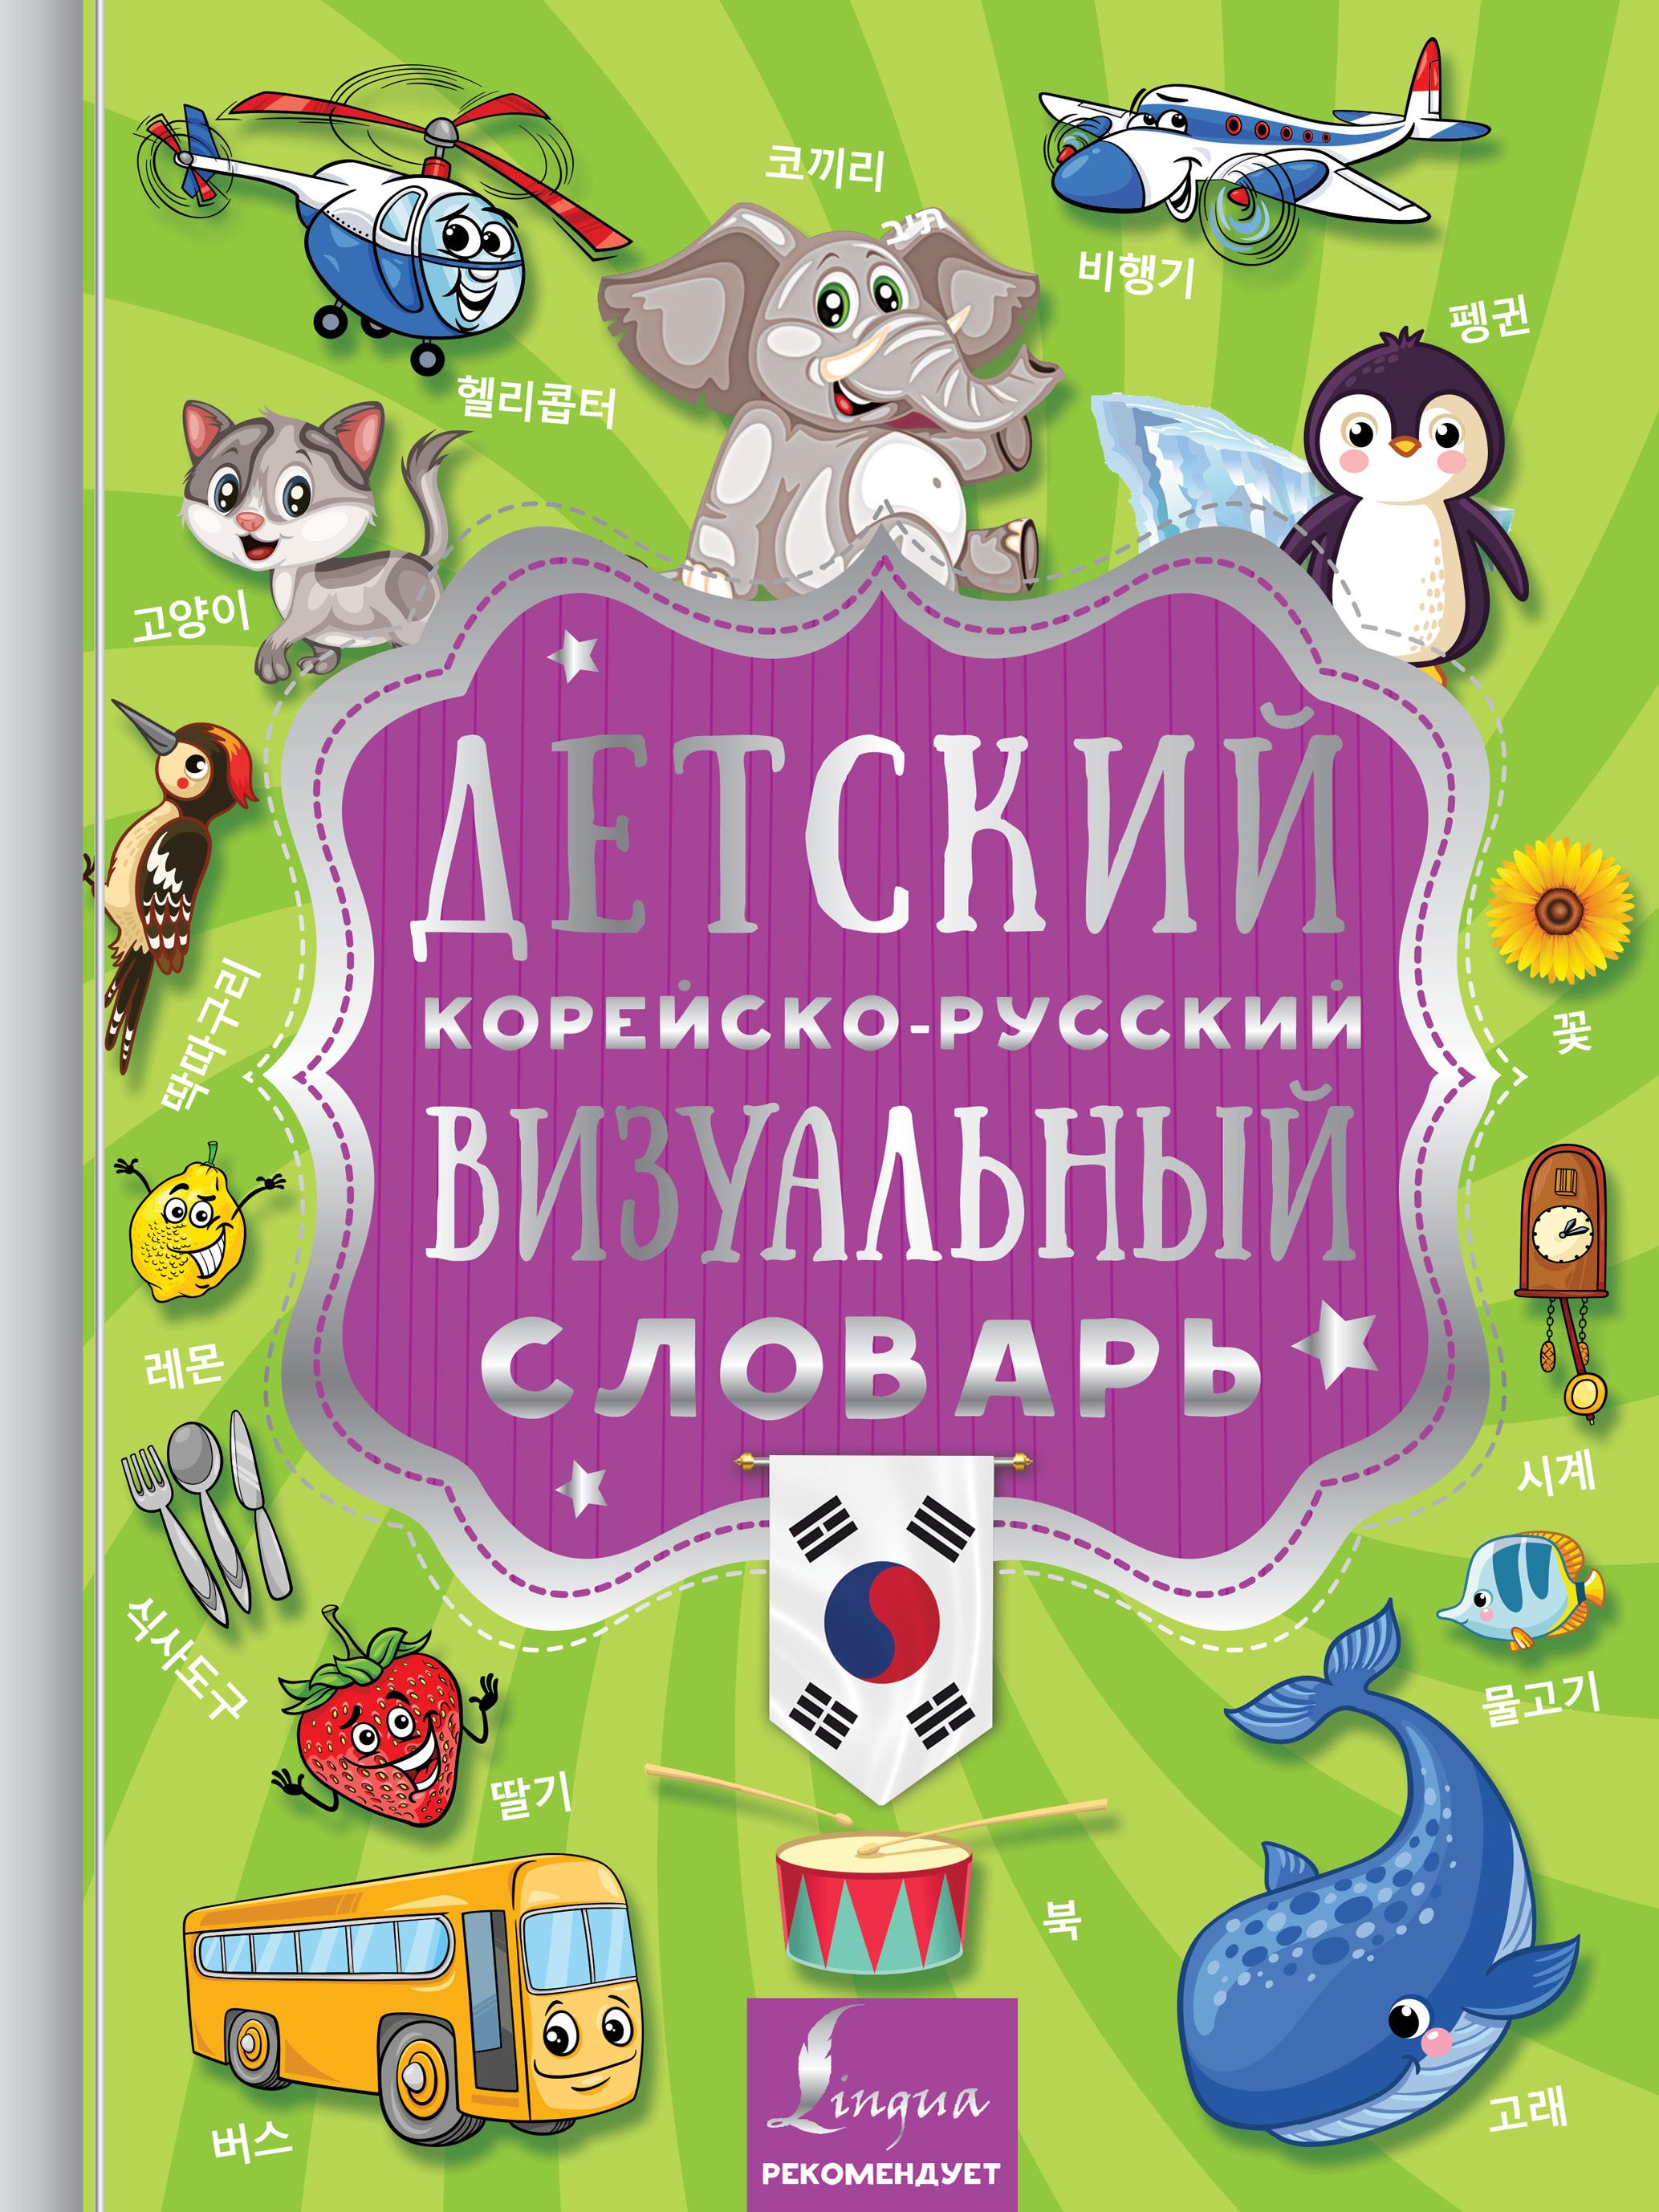 Фото - Отсутствует Детский корейско-русский визуальный словарь детский